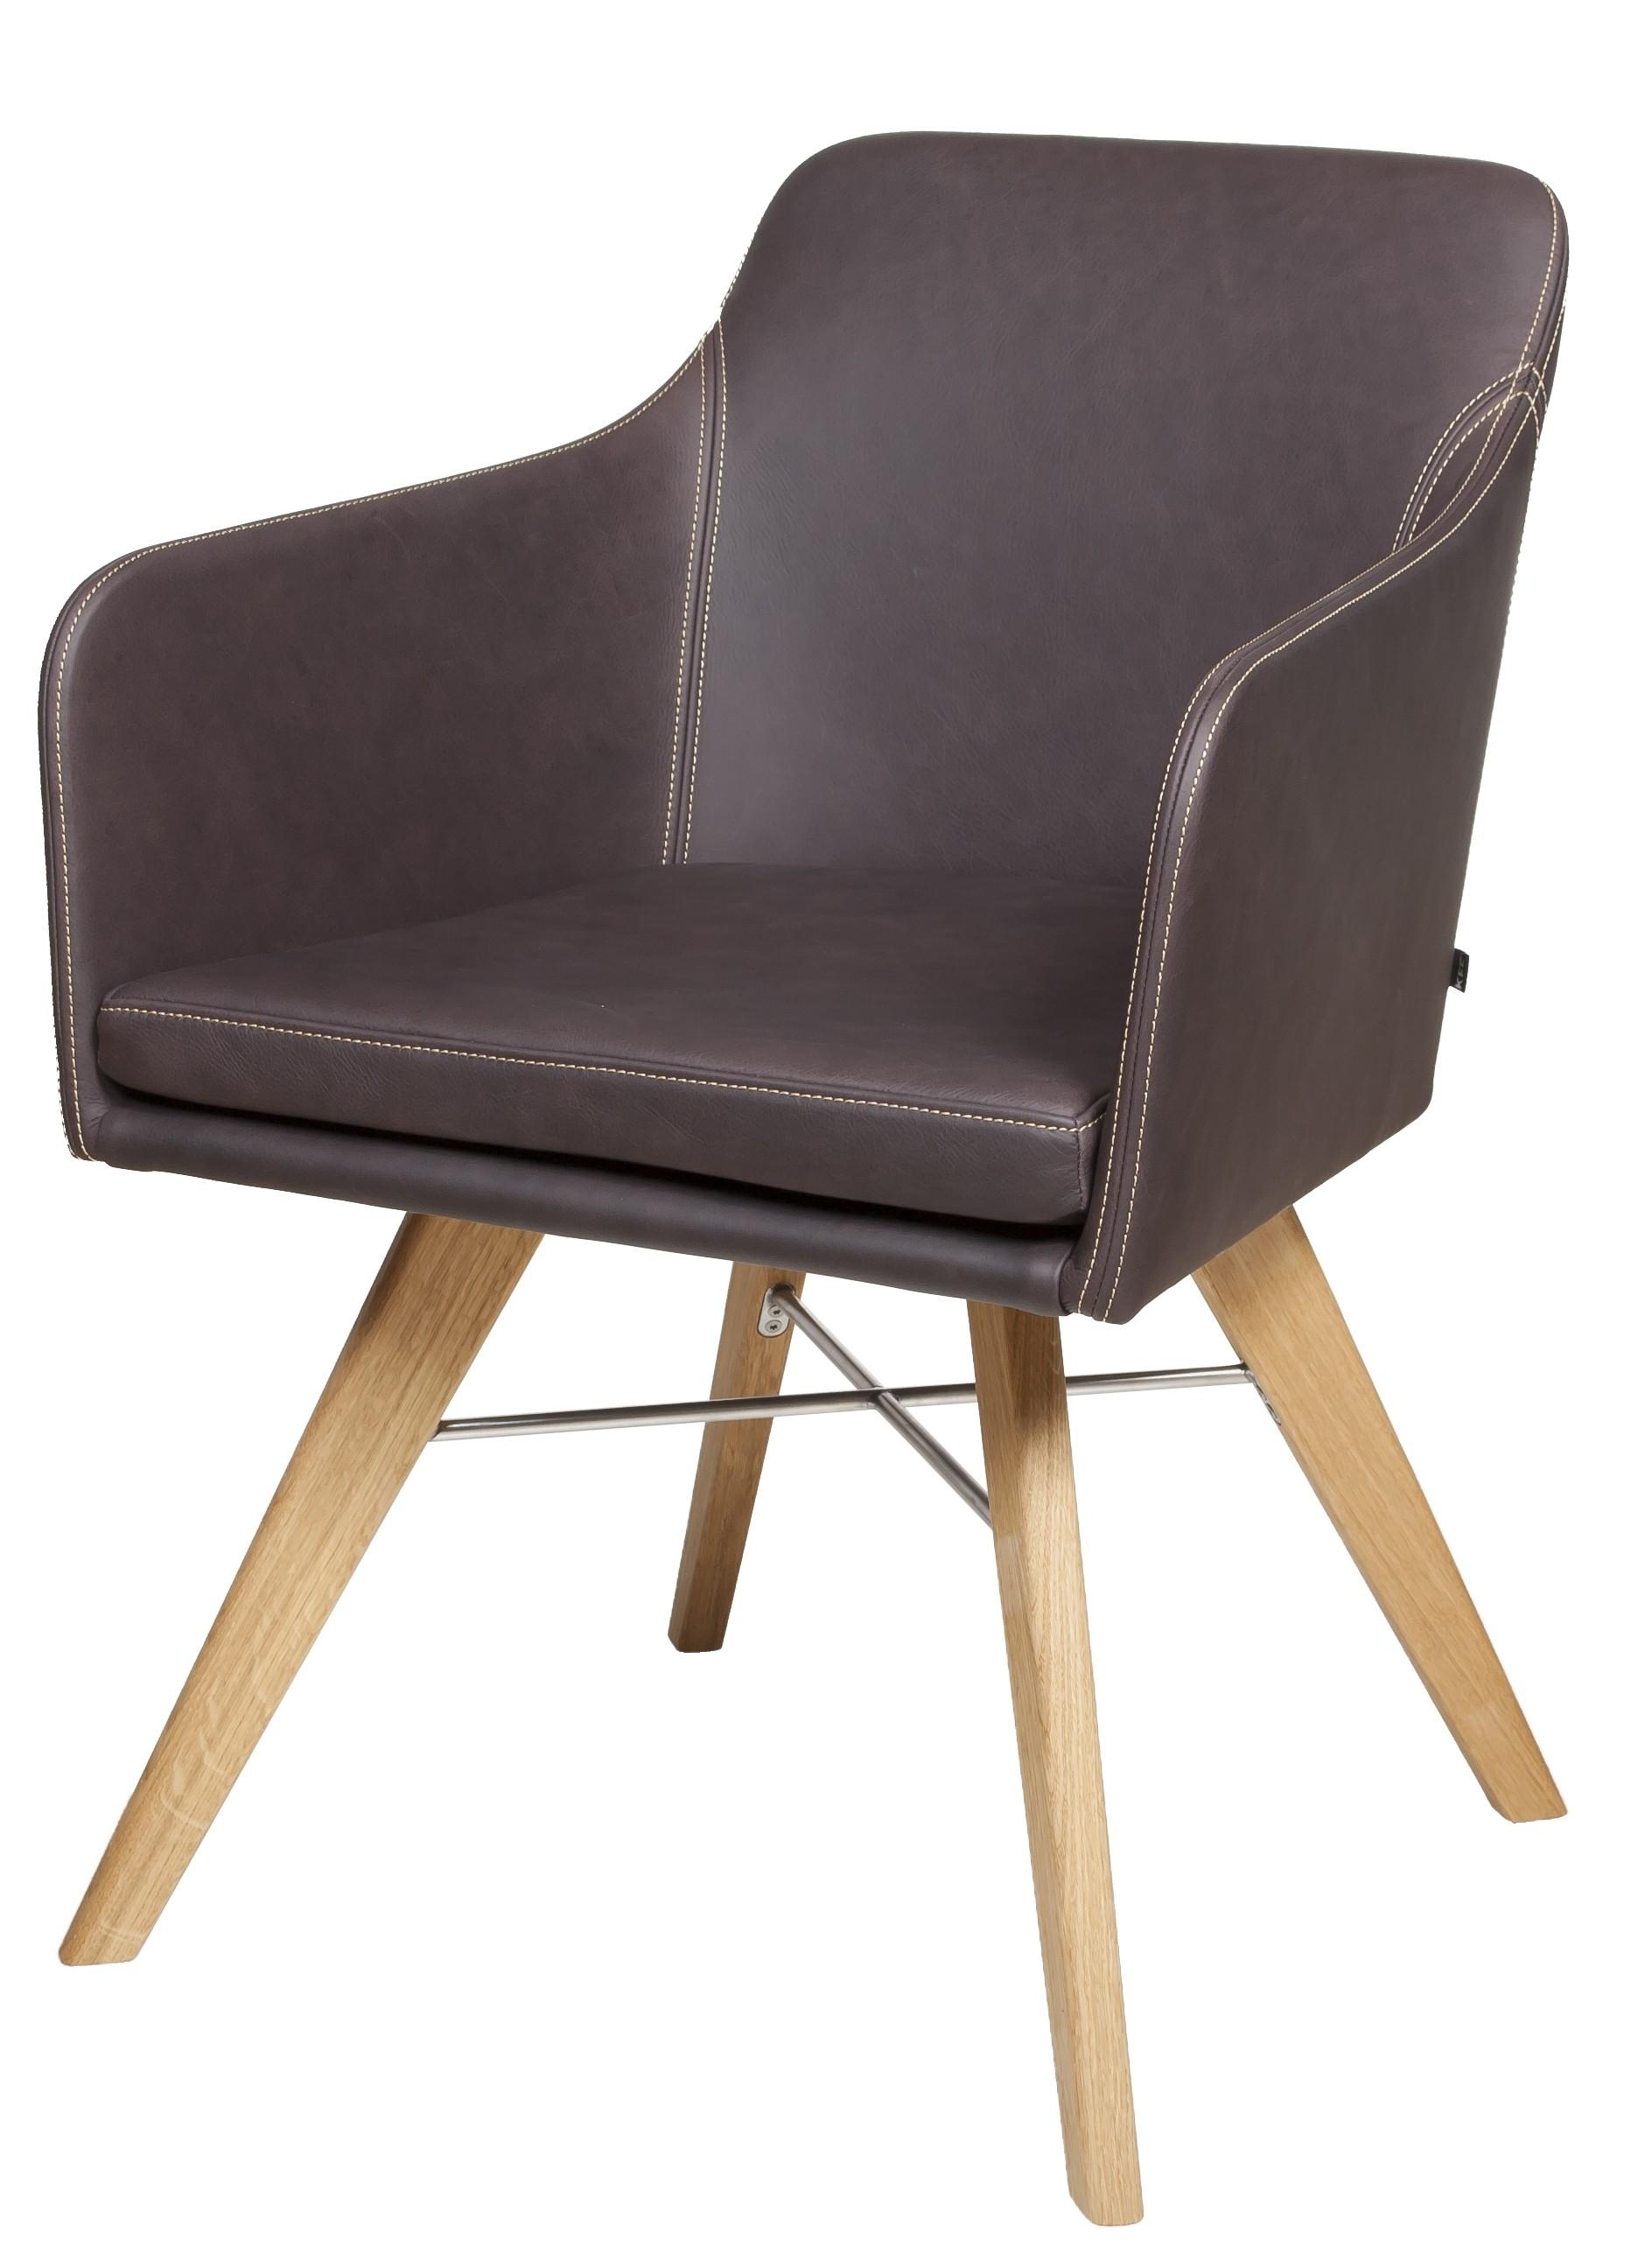 Alle bedrijven online hout stoel pagina 8 - Stoelen leer en hout ...